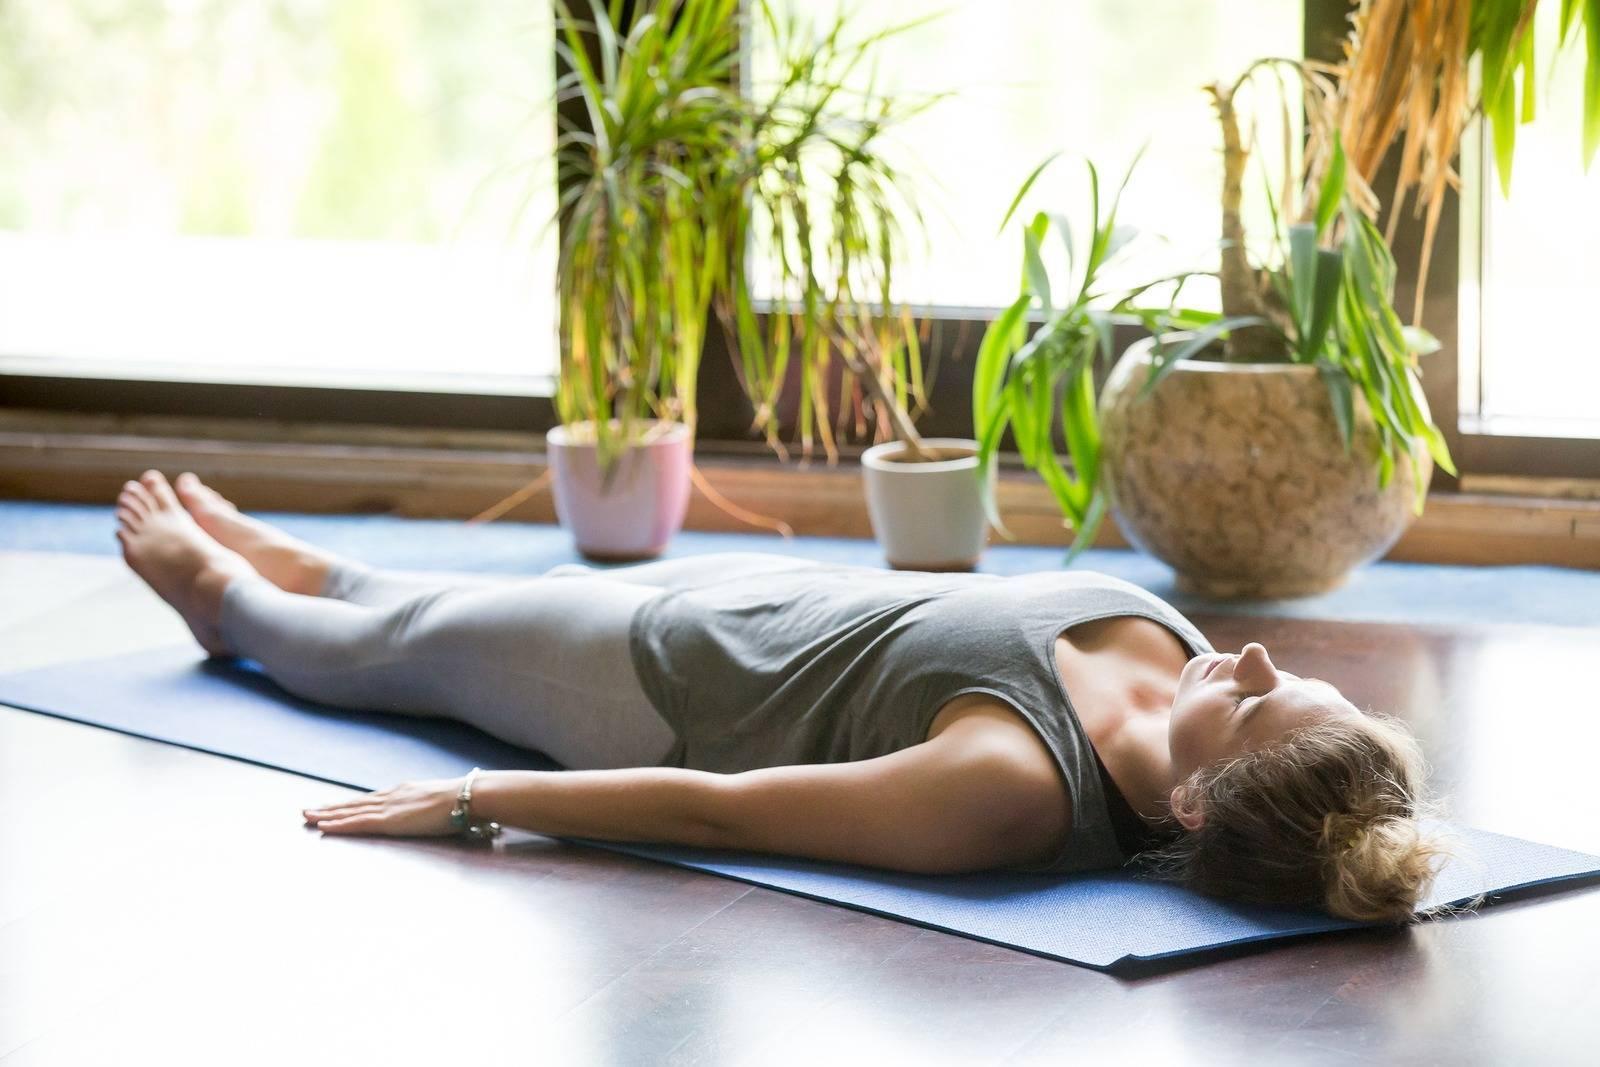 Топ-20 асан из йоги перед сном: лучшие упражнения для вечера